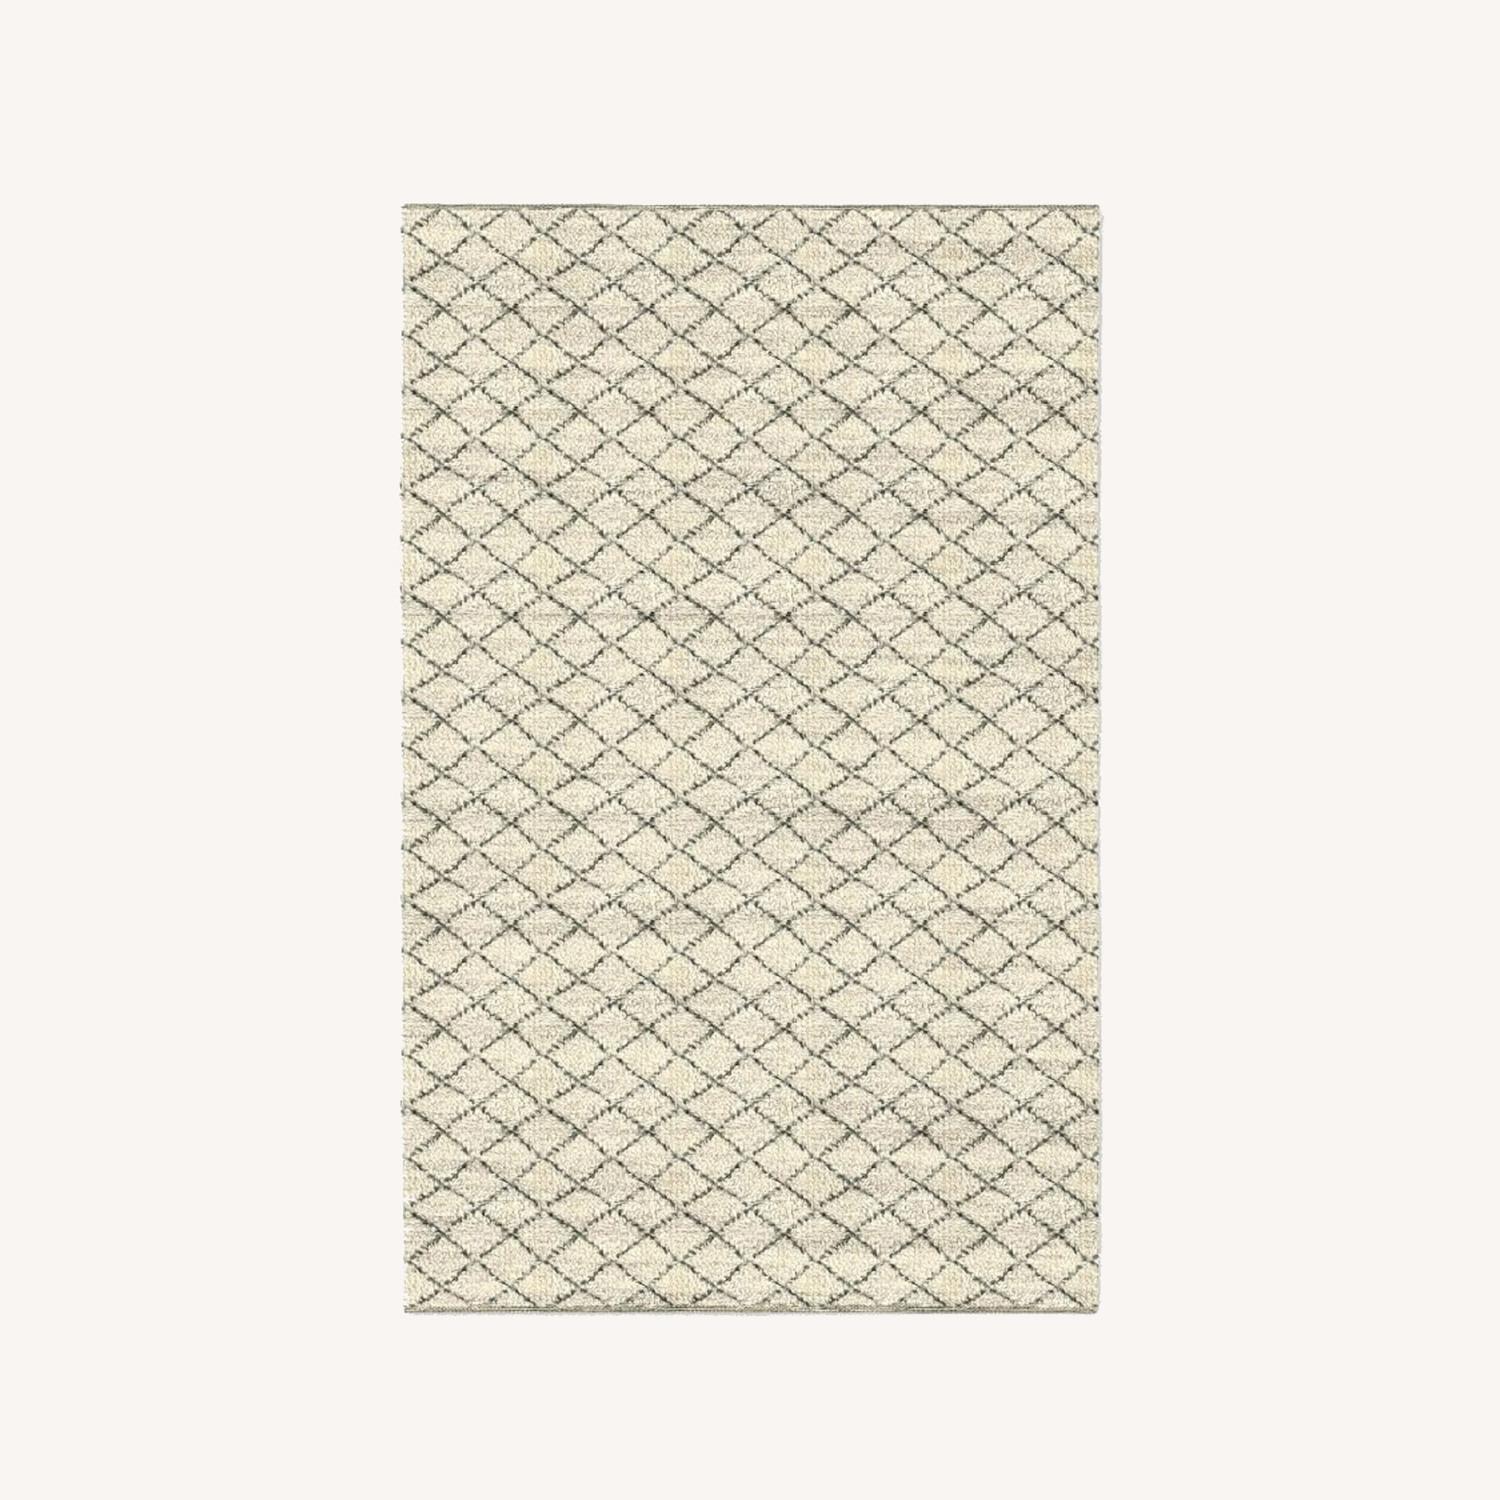 West Elm Watercolor Trellis Wool Shag Rug in Ivory - image-0